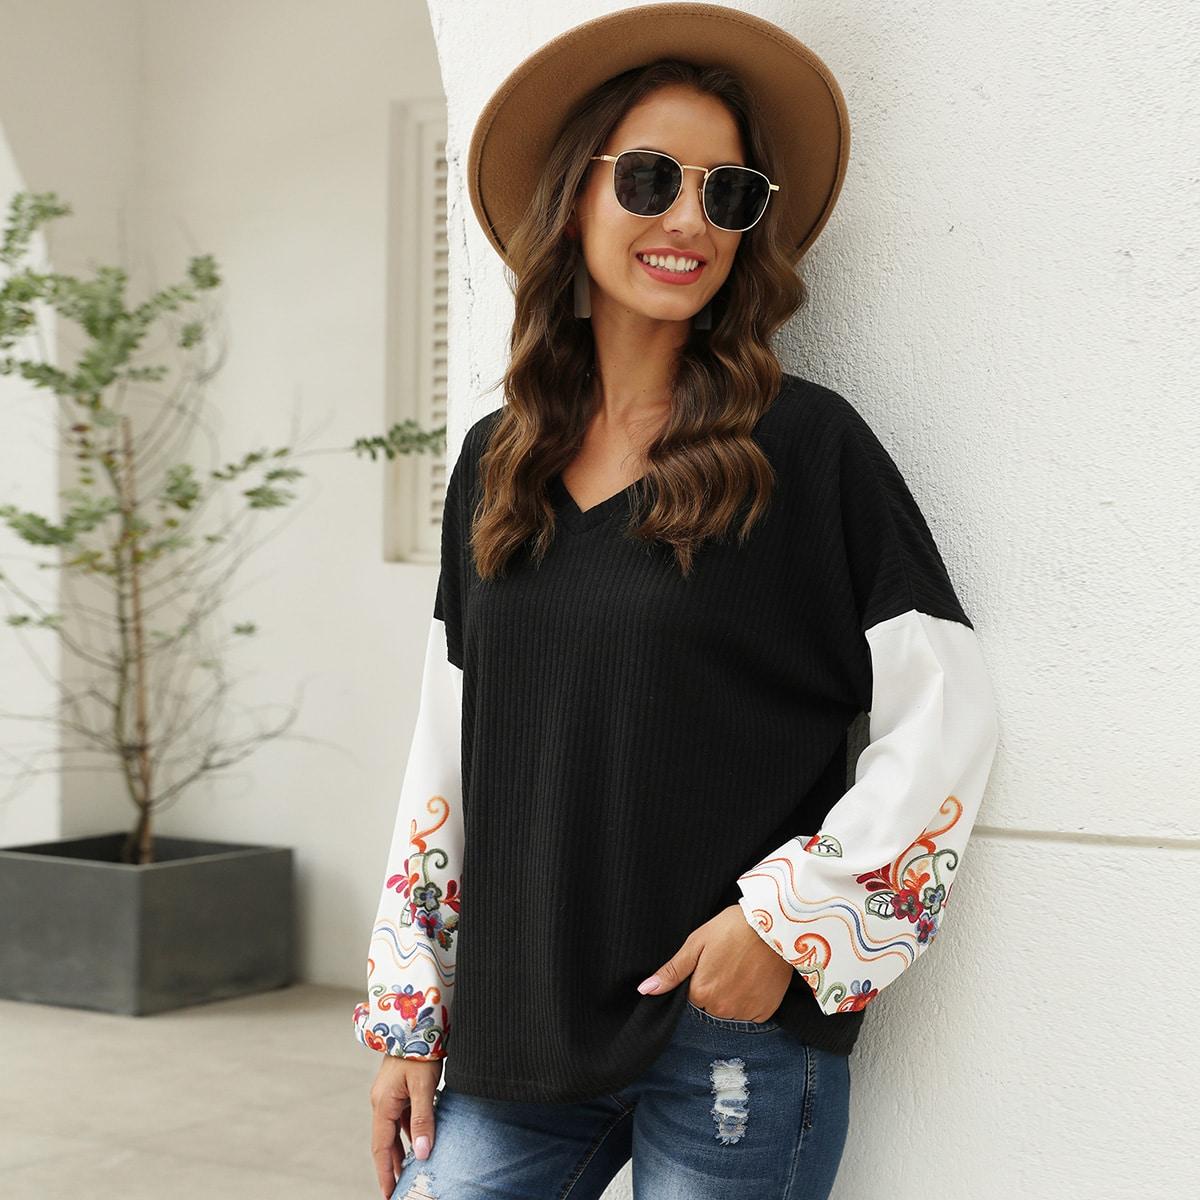 SHEIN / Pullover mit Kontrast Ärmeln und Blumen Muster